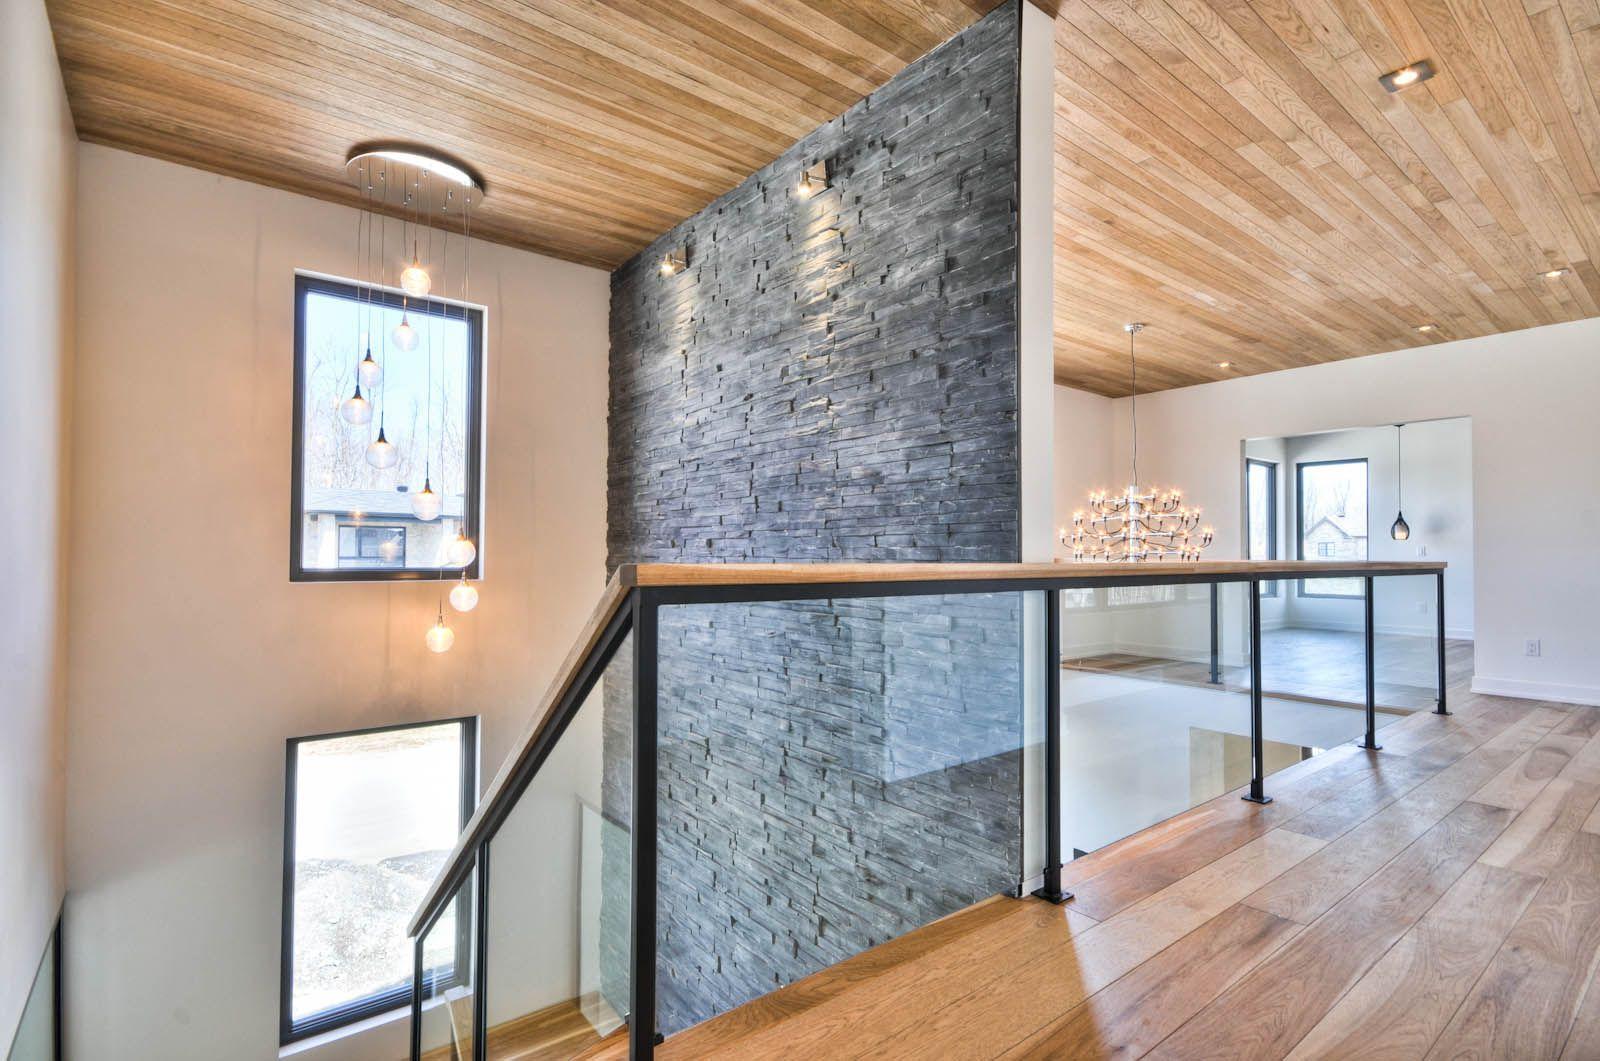 Grande escalier avec mur décoratif en pierre. Escalier avec rampe ...